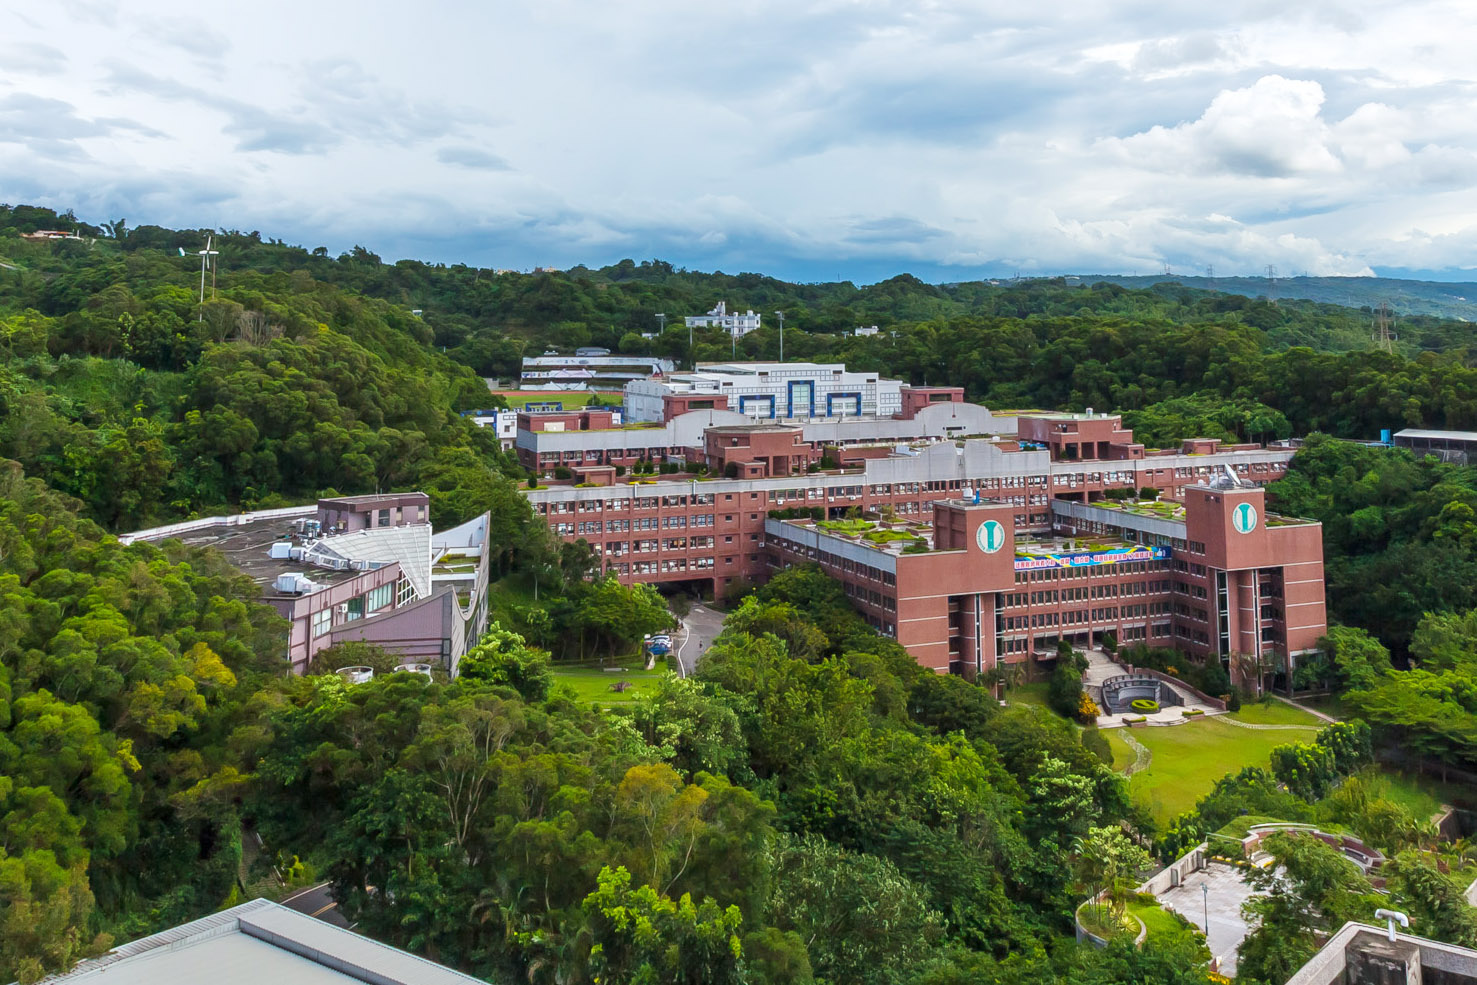 綠色校園、綠色教育、綠色思維 大葉大學世界綠色大學評比全台私校第一-2015世界綠色大學評比